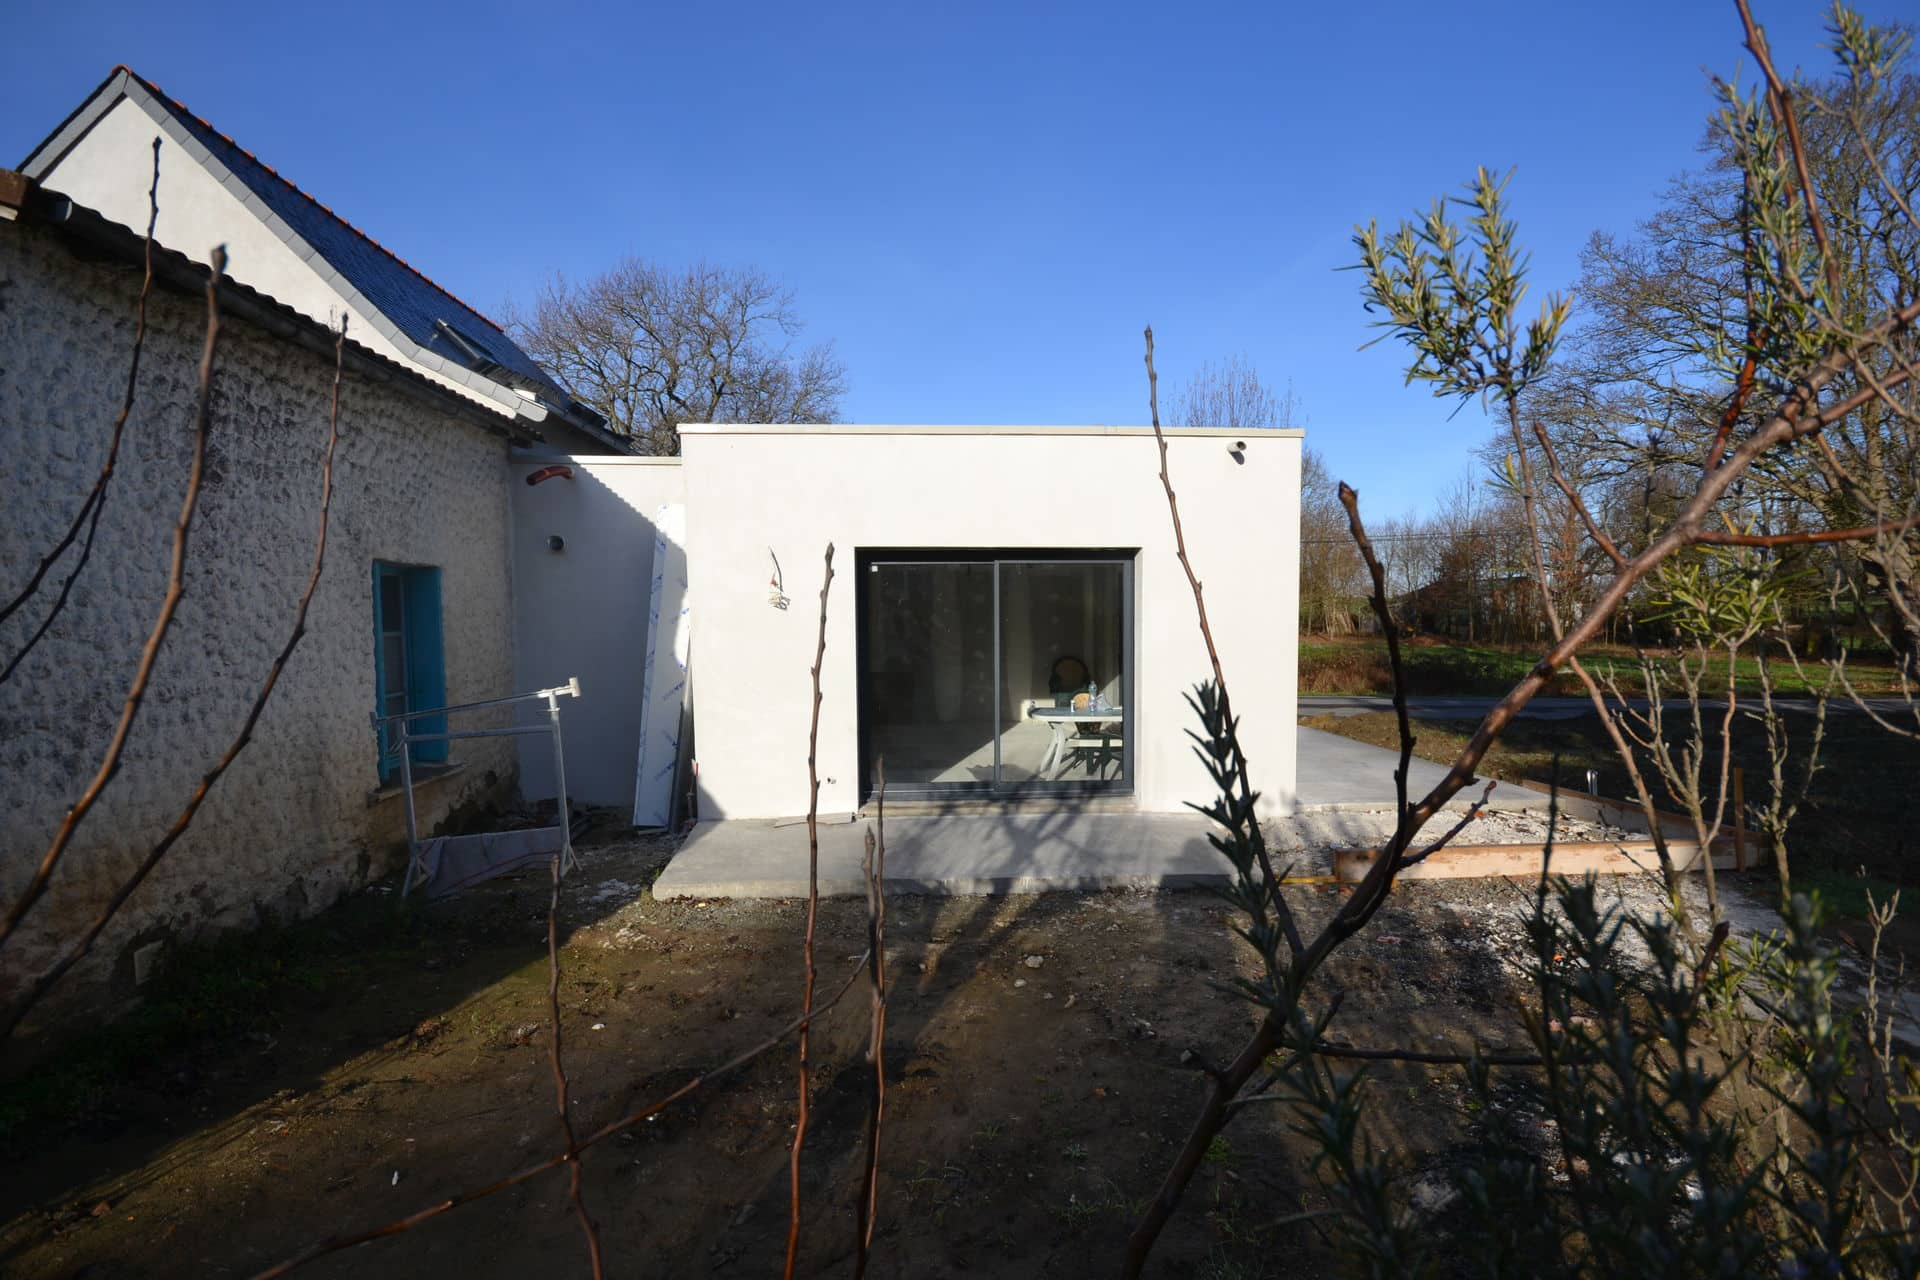 extension et surélévation Caquefou2 - Extension et rénovation d'une maison à Carquefou (44)